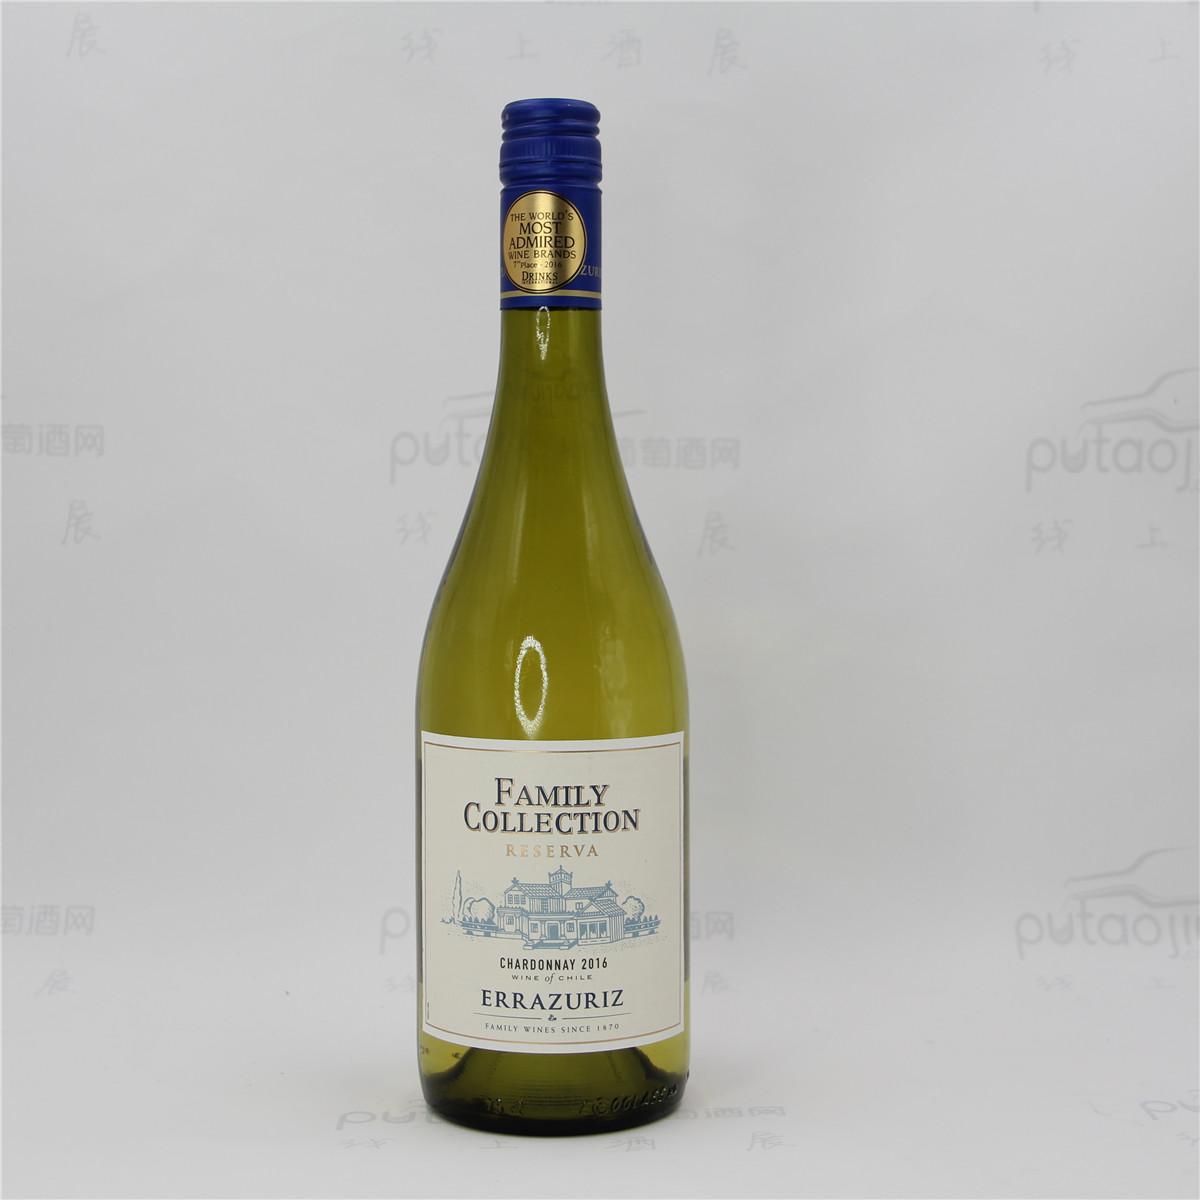 智利阿空加瓜谷伊拉苏酒庄霞多丽家族收藏干白葡萄酒